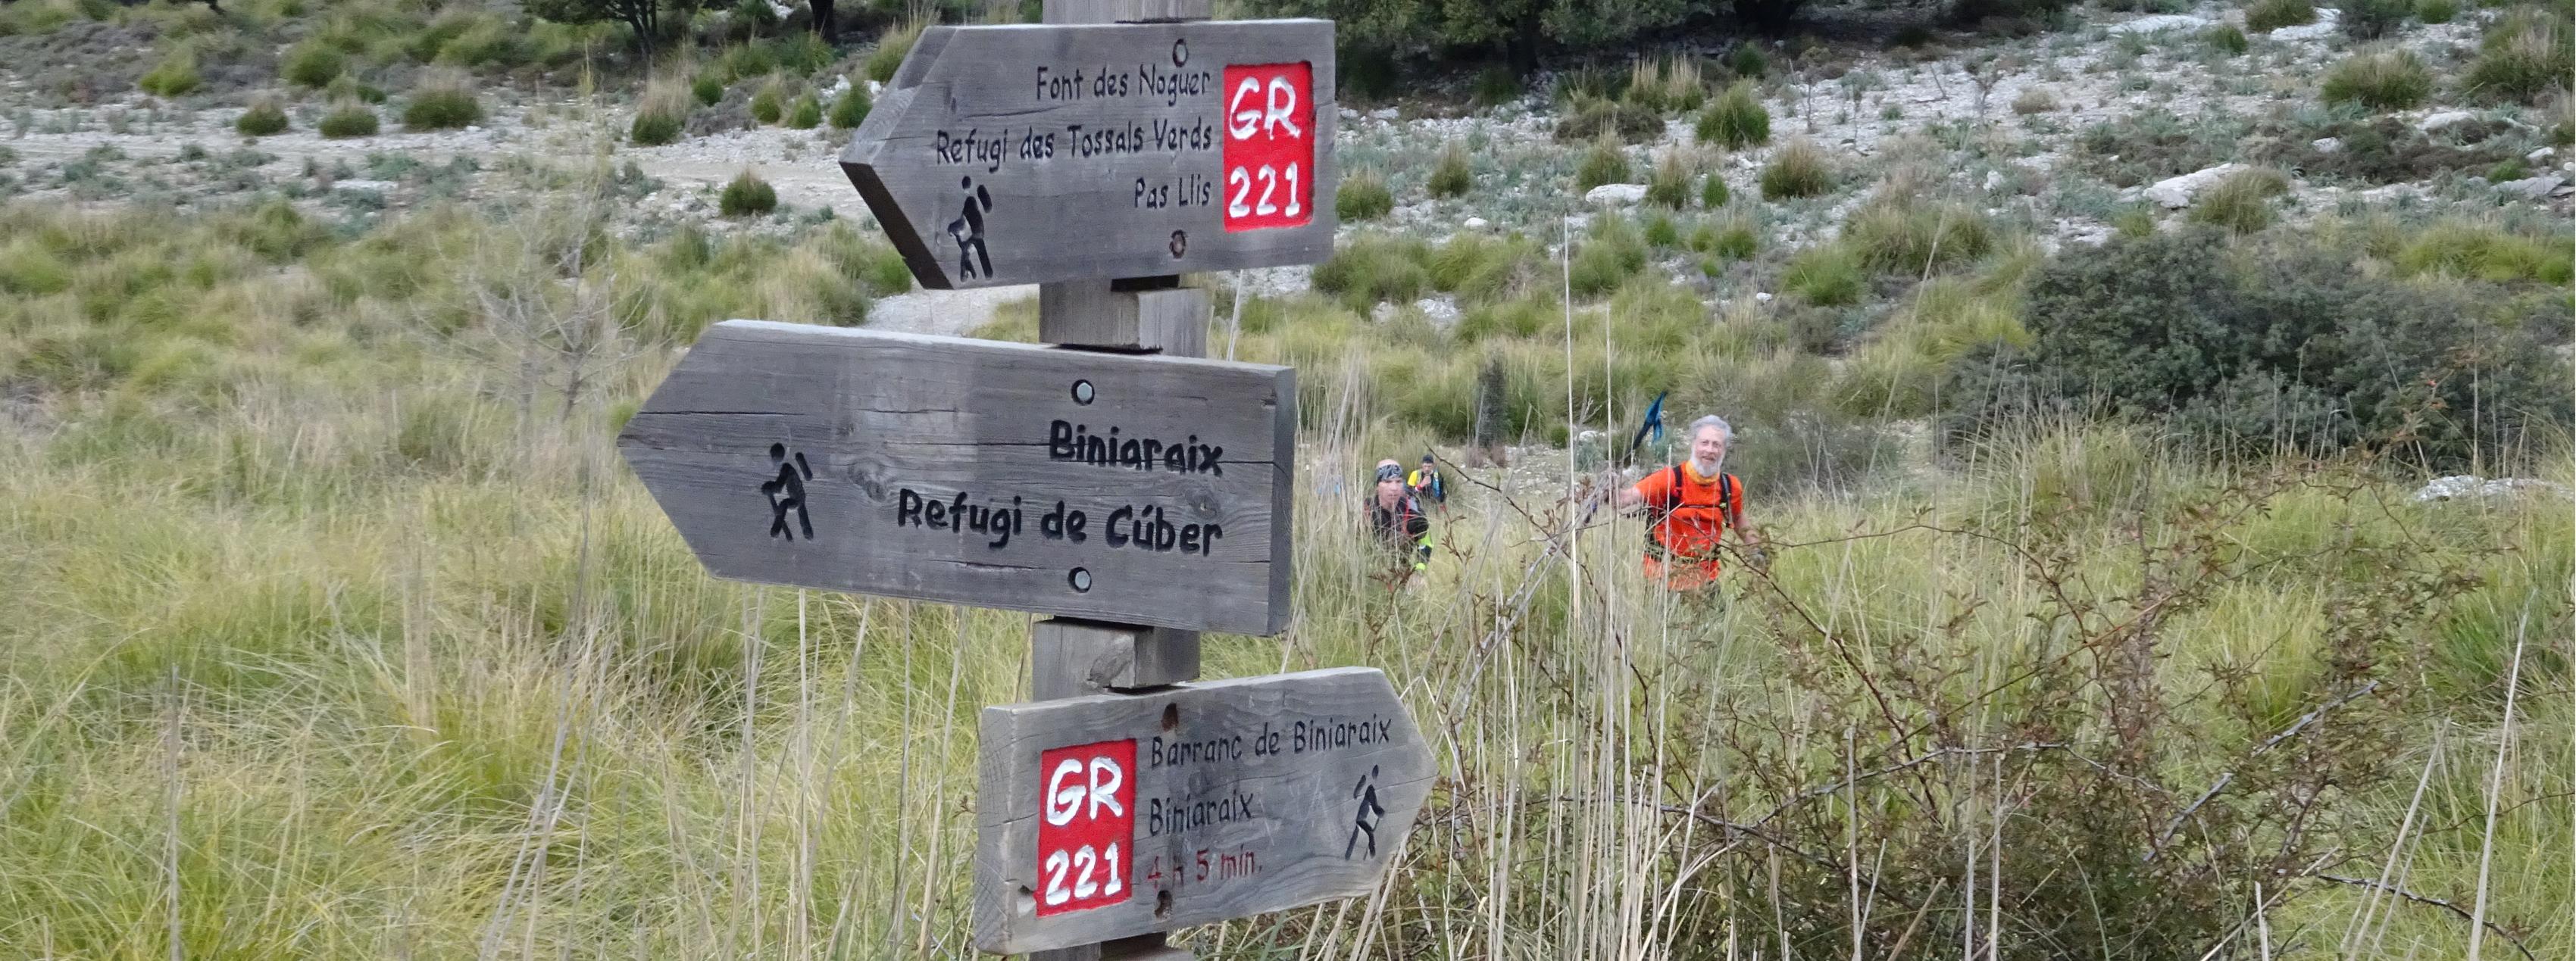 GR221 Trans-Mallorca - Wegweiser